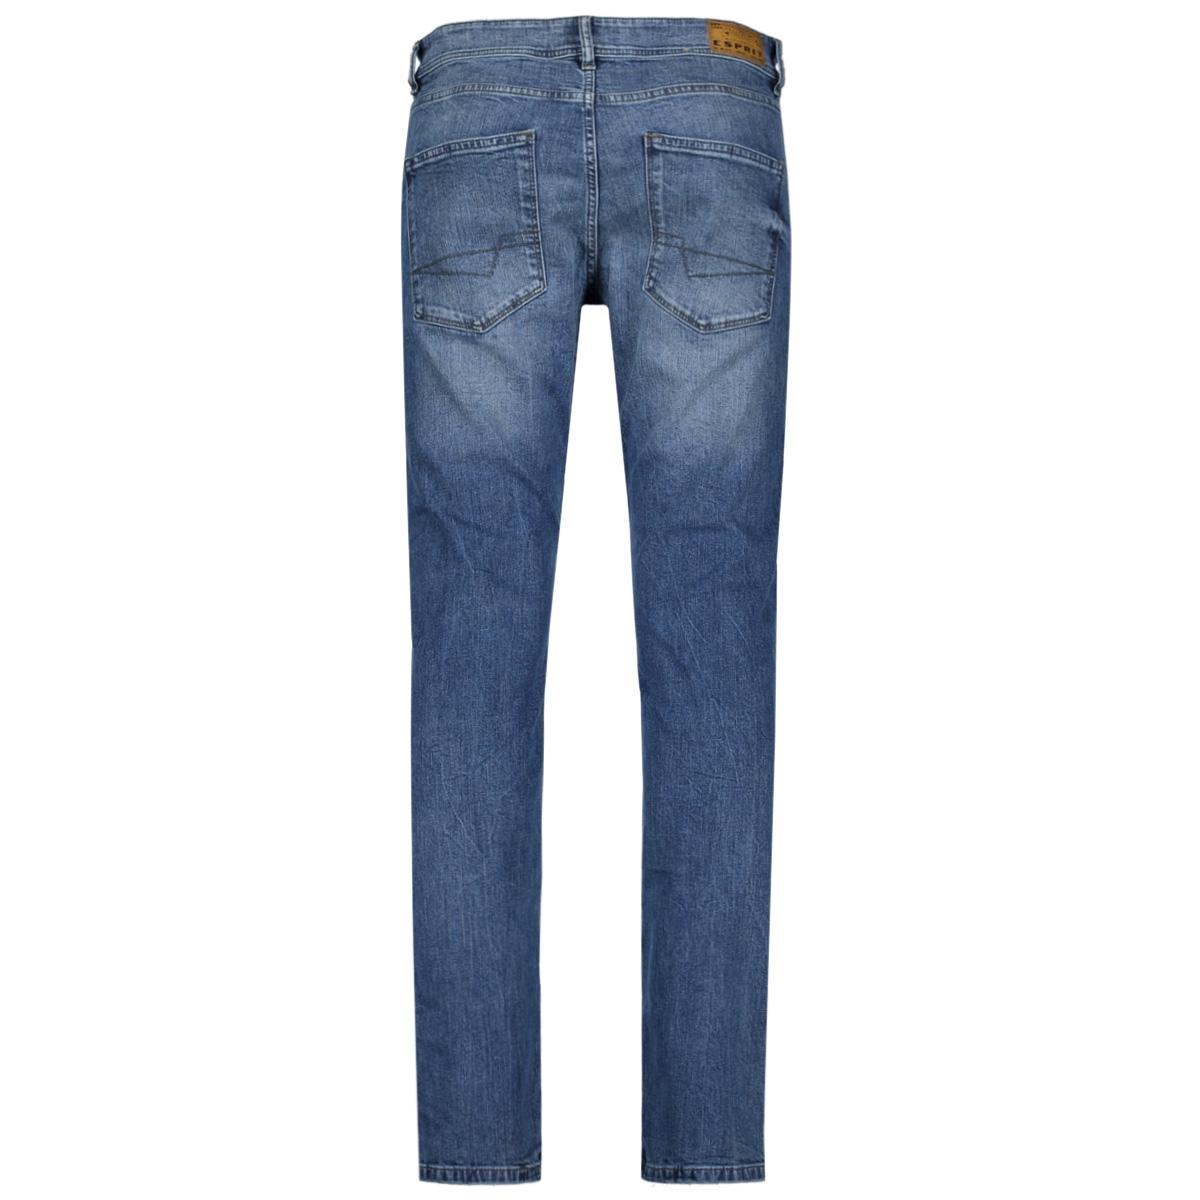 087ee2b010 esprit jeans e903